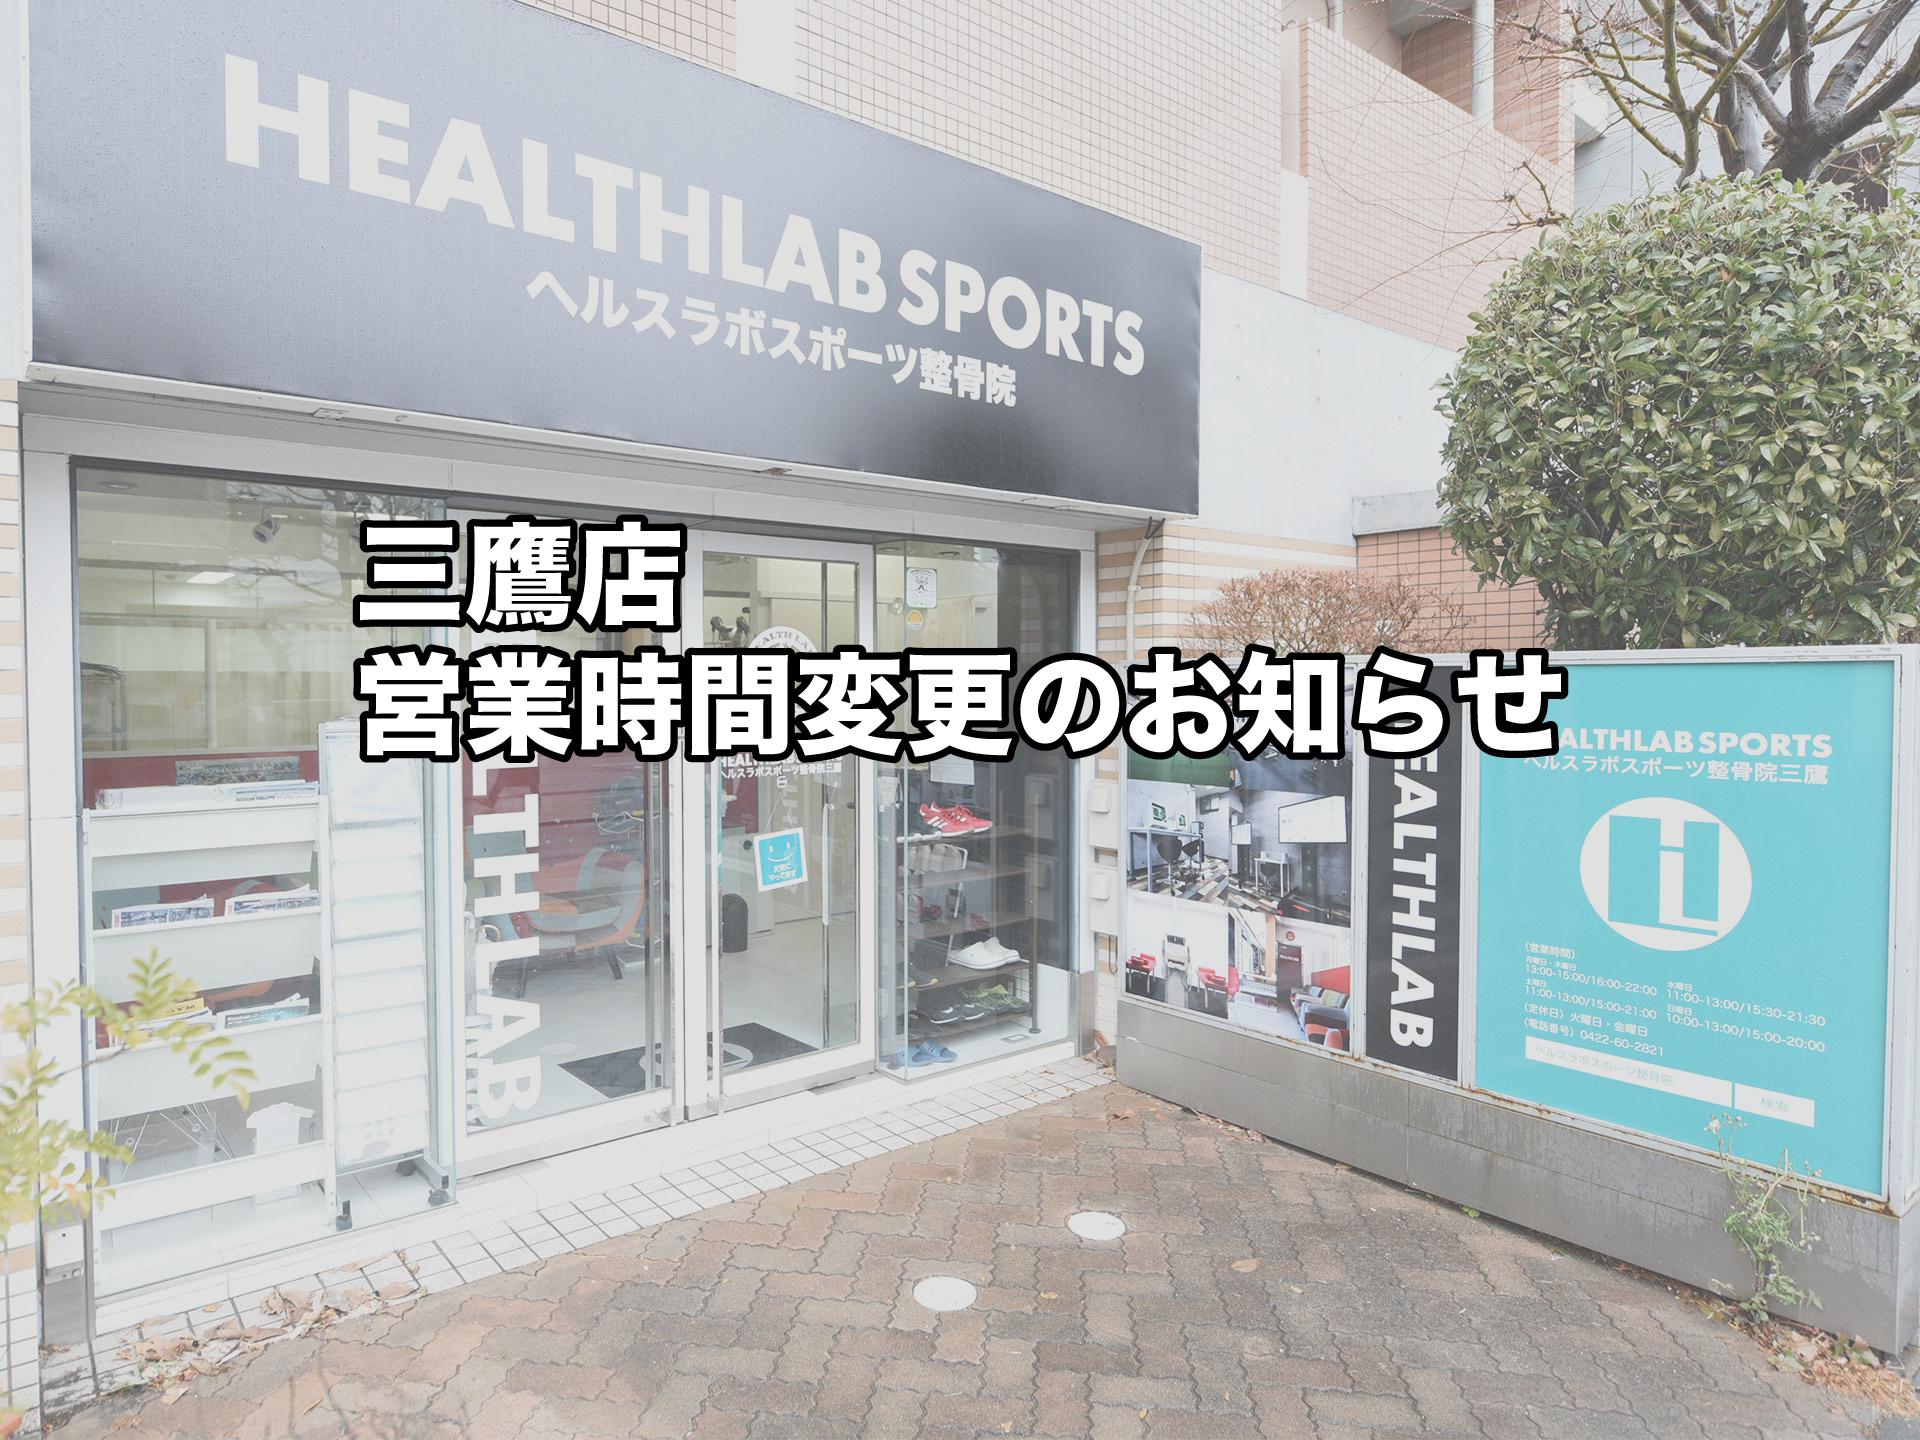 三鷹店、【2020/4/10〜5/6】営業時間変更のお知らせ